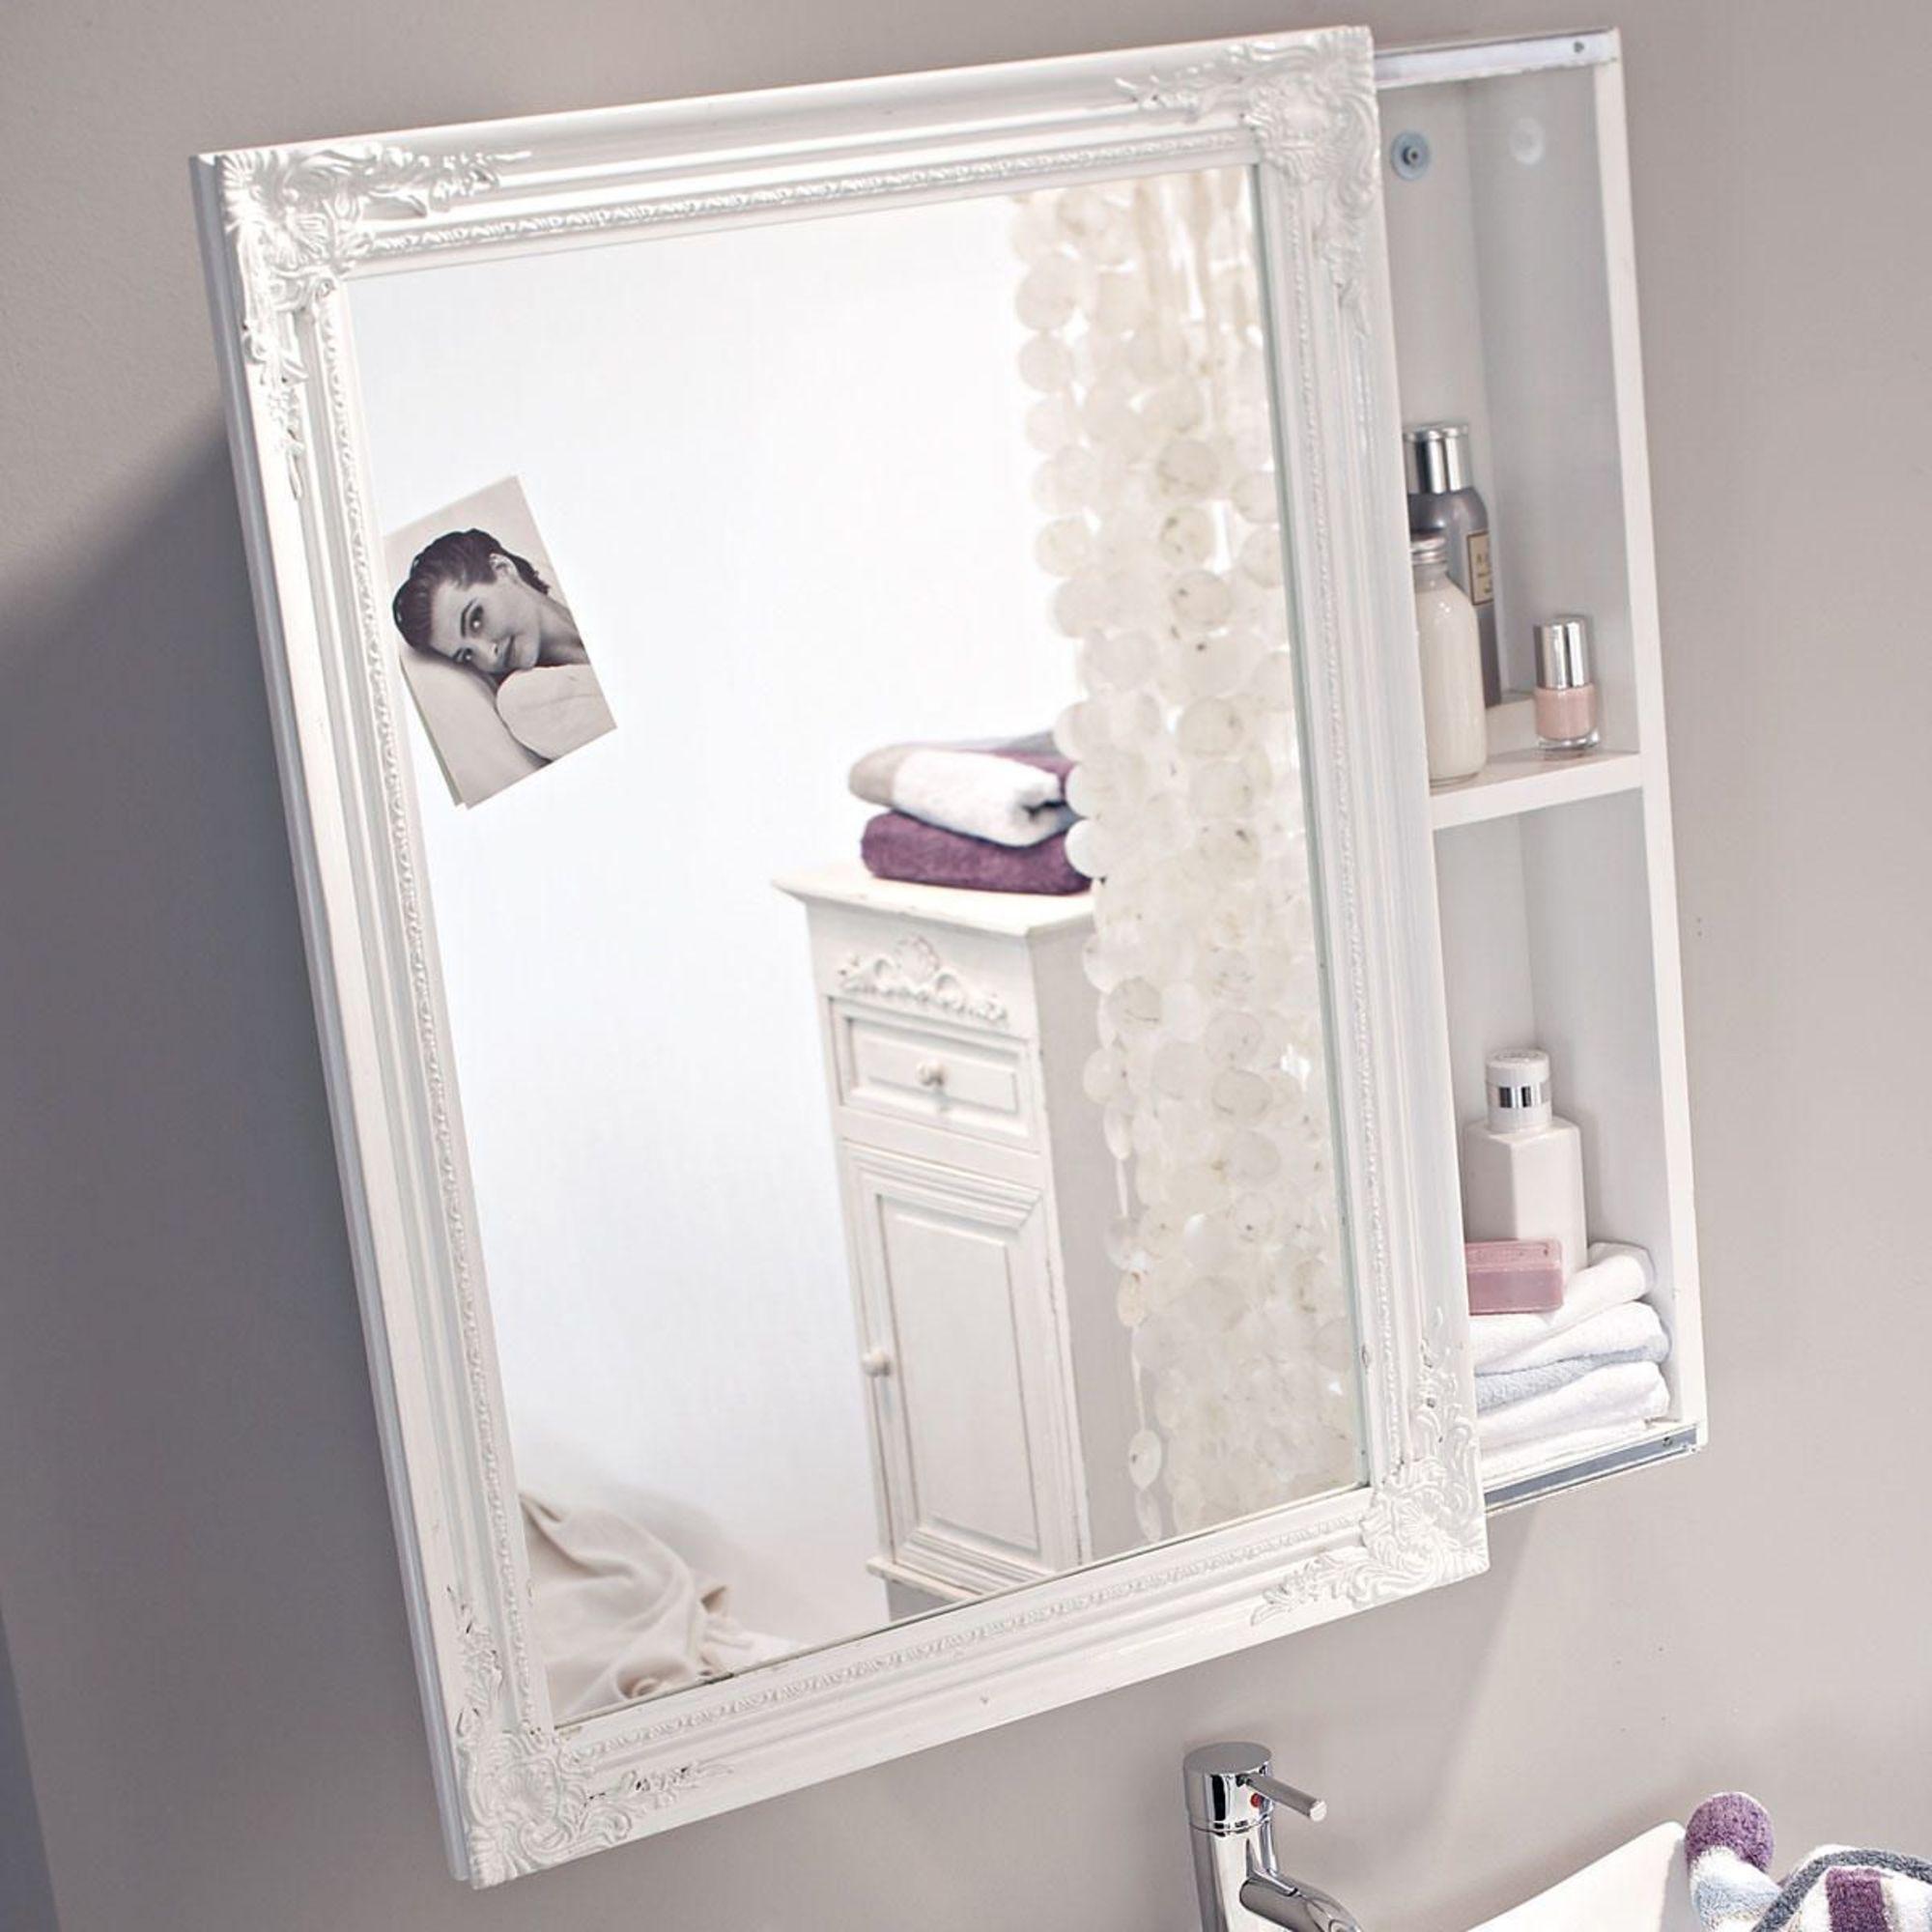 Spiegelschrank, Schiebetür, zwei Innenfächer, Romantik Look